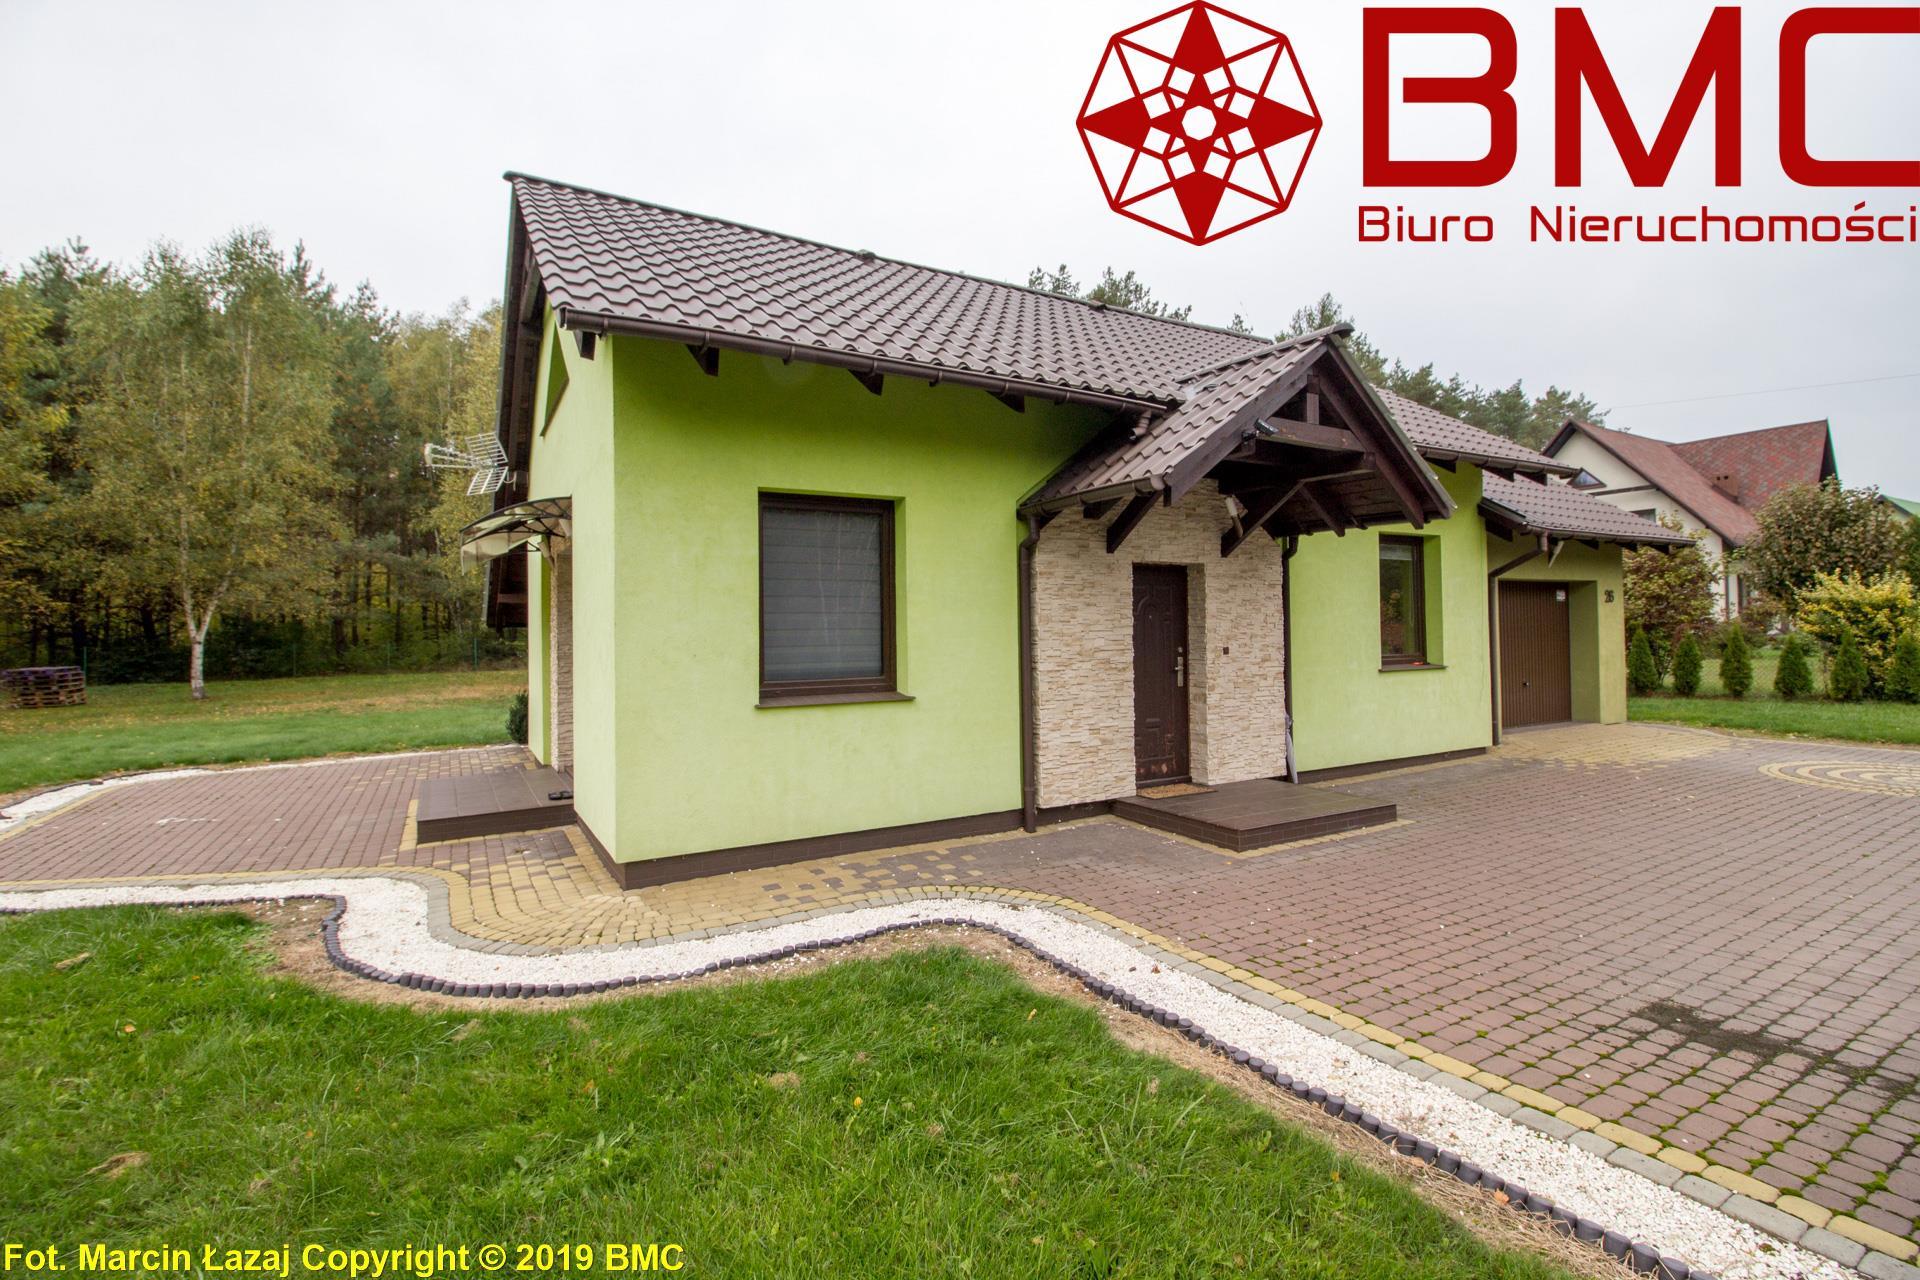 Nieruchomość Dom sprzedaż Strzebiń Parterowy dom przy lesie- Strzebiń1